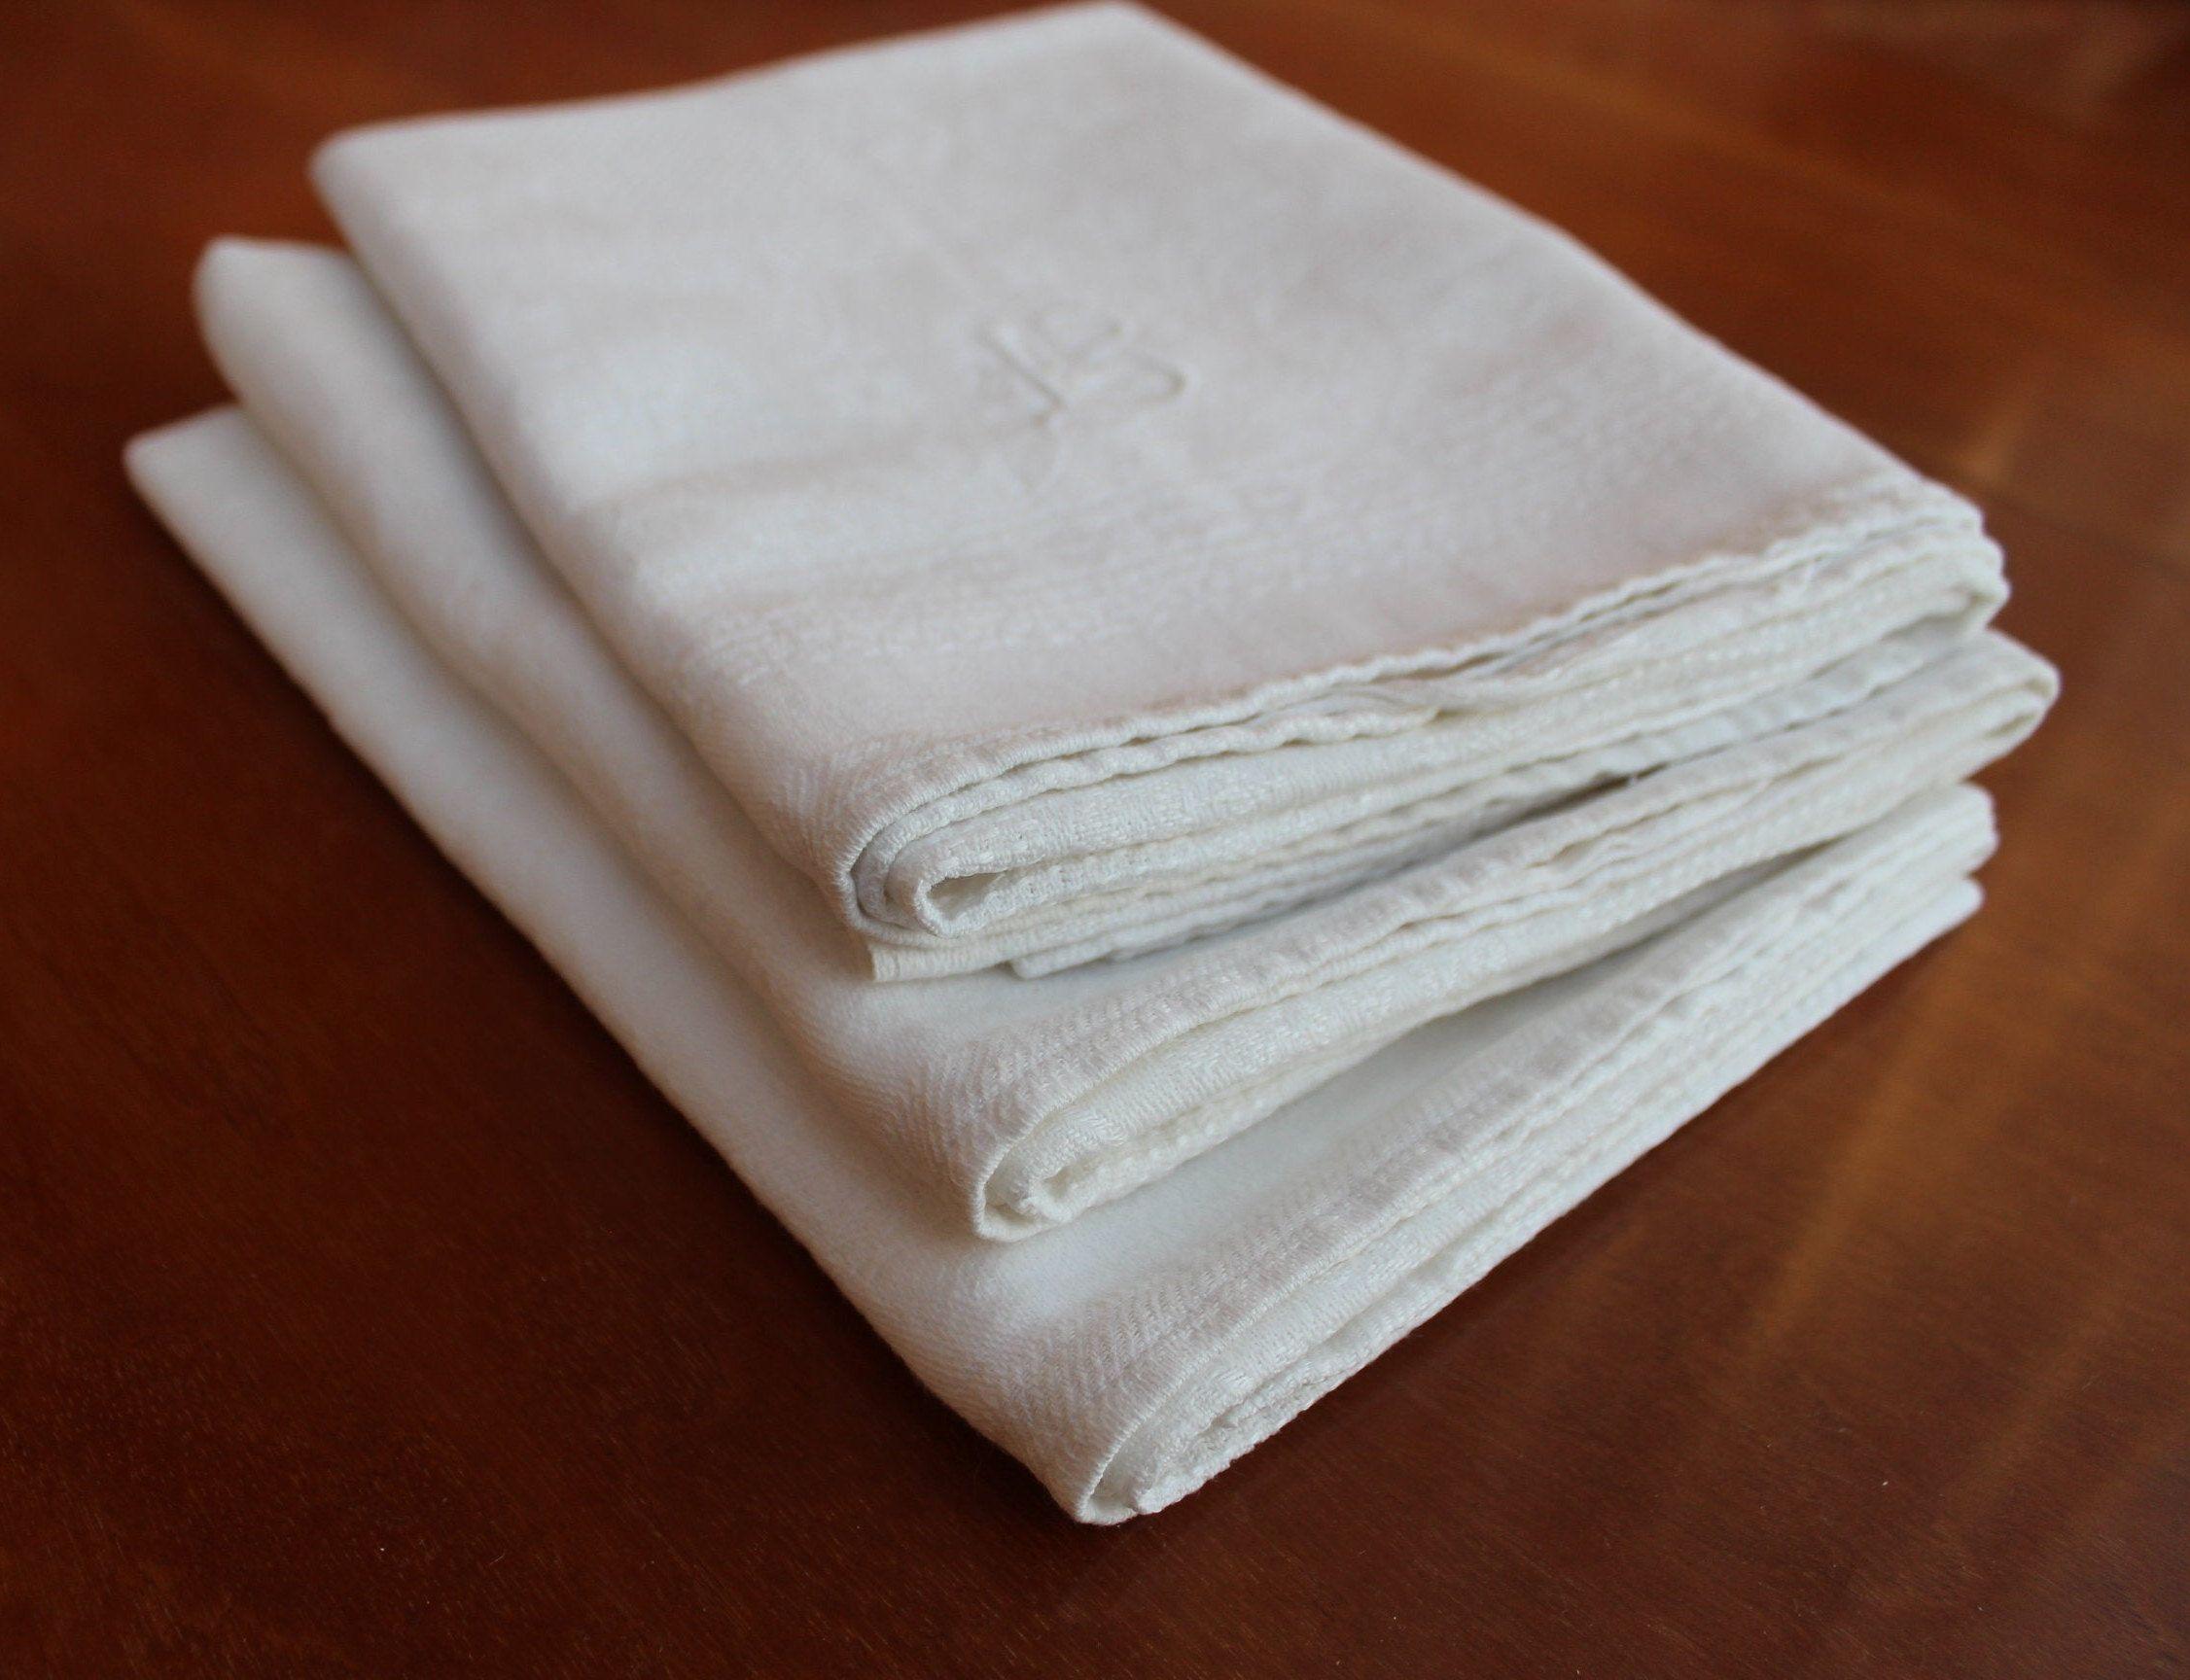 Vintage Set of 17 Tea towels White Half Linen Dry Cloths Cloth 17 x